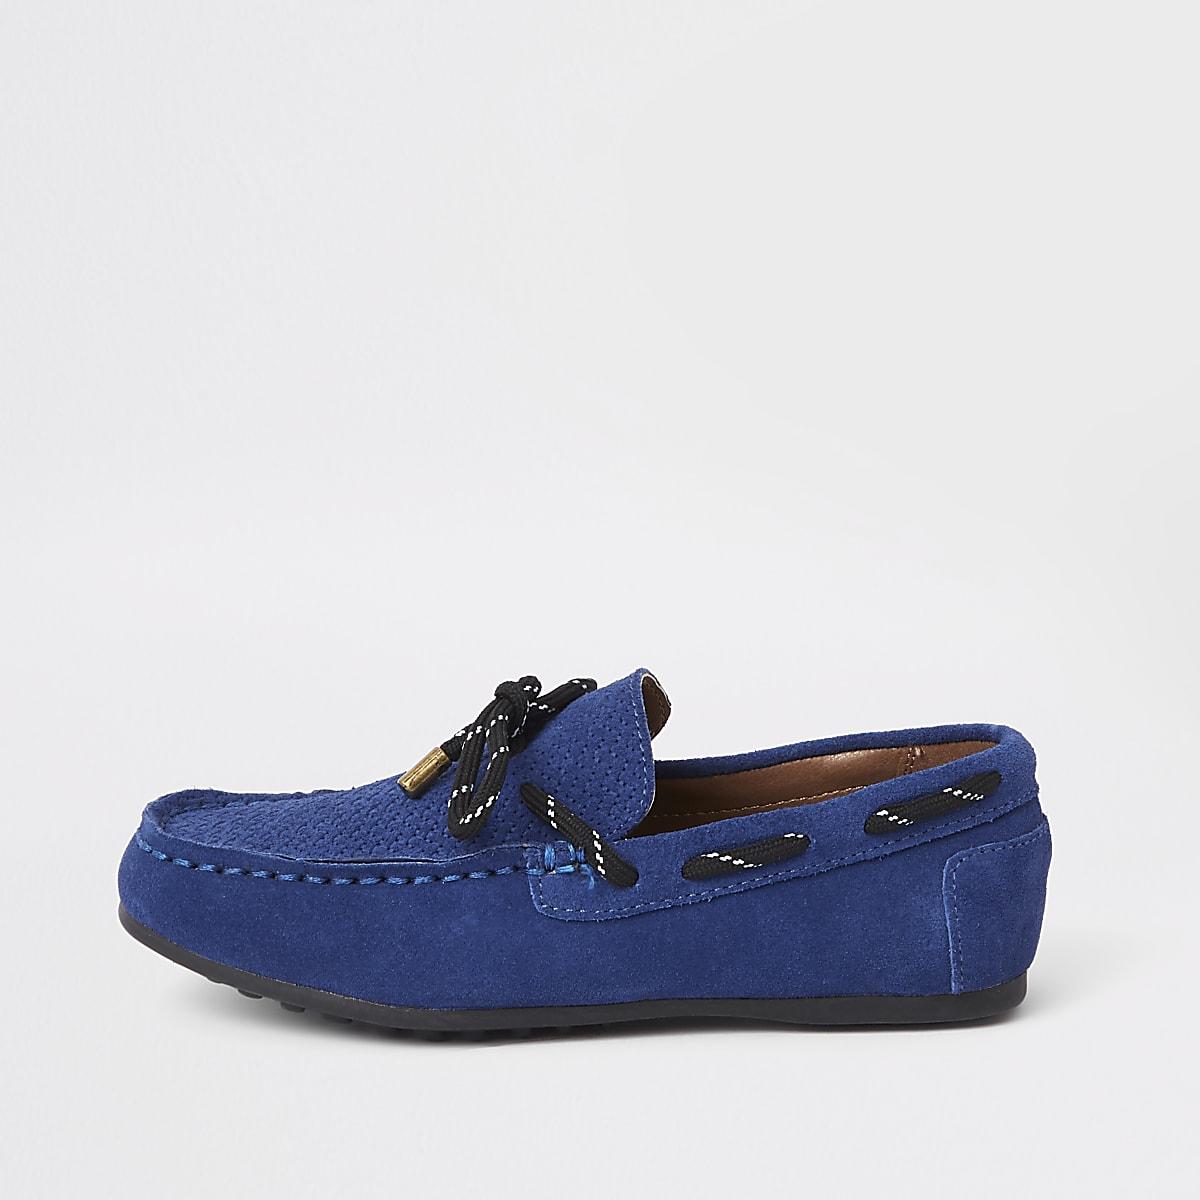 Boys blue driver shoes